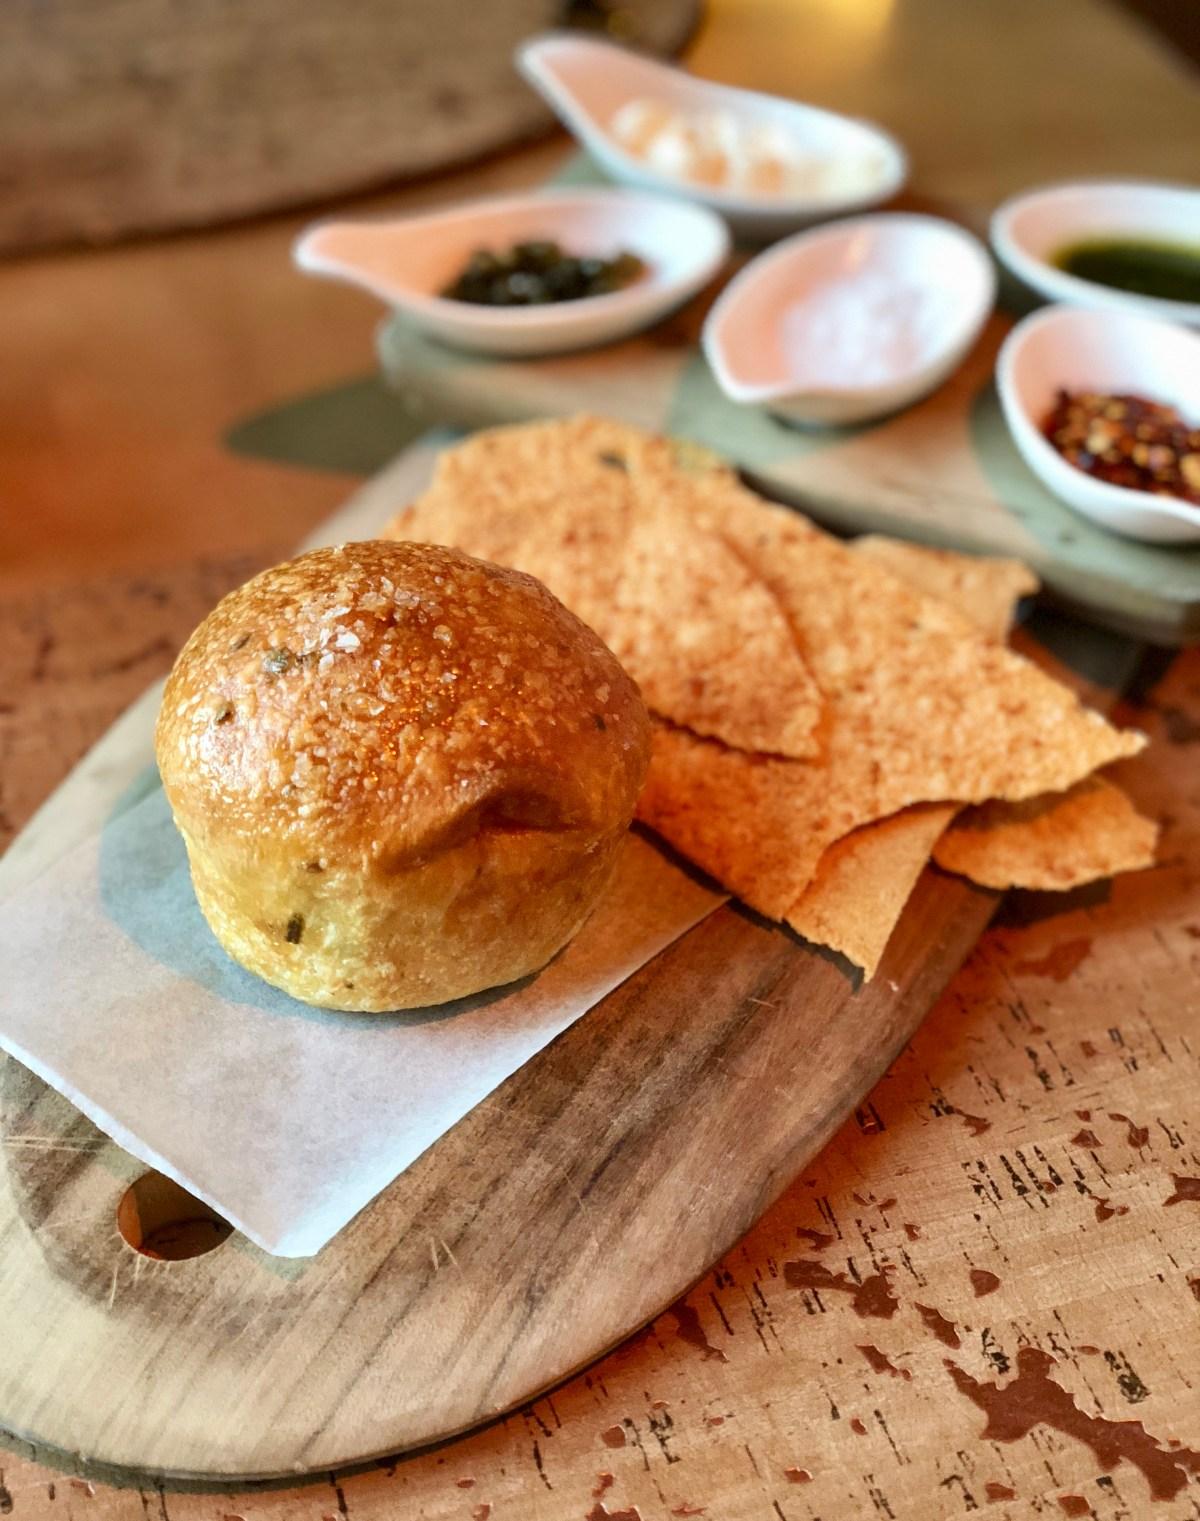 Giada's Trattoria | The Cromwell #breadbasket #giadarestaurant #giadastrattoria #thecromwell #lasvegaseats